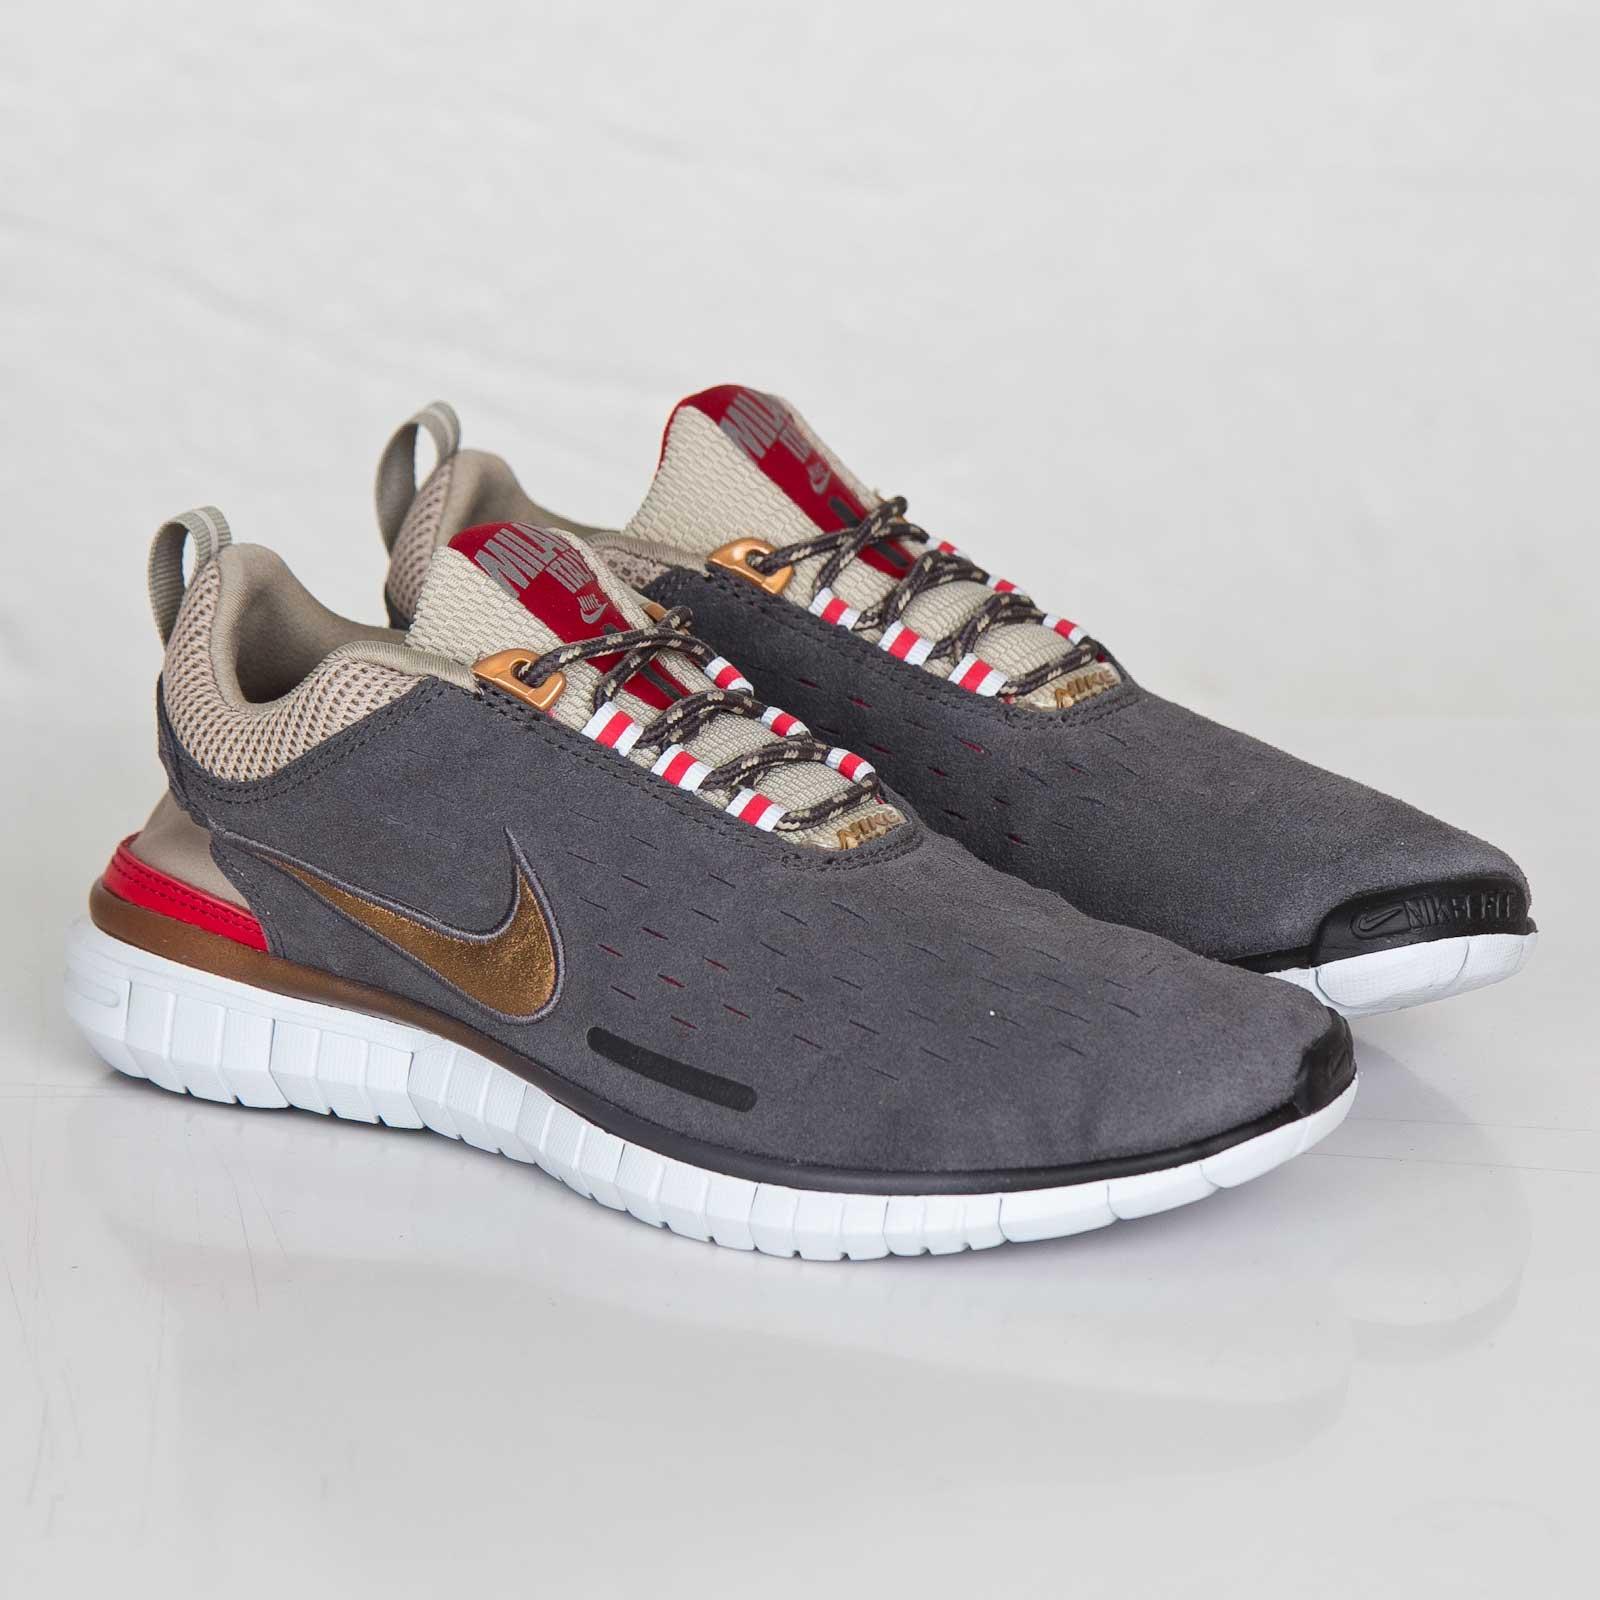 classic fit 8f20e 791c0 Nike Free OG ´14 City QS